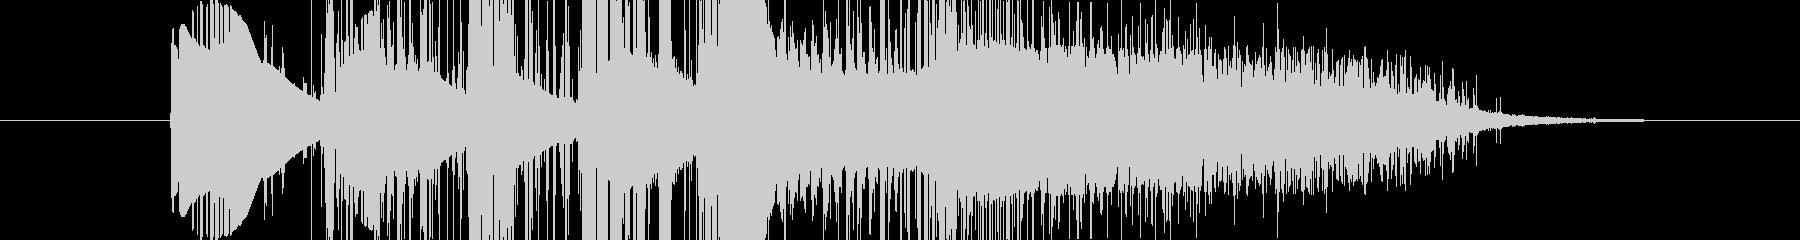 スペースジャムバージョン9の未再生の波形